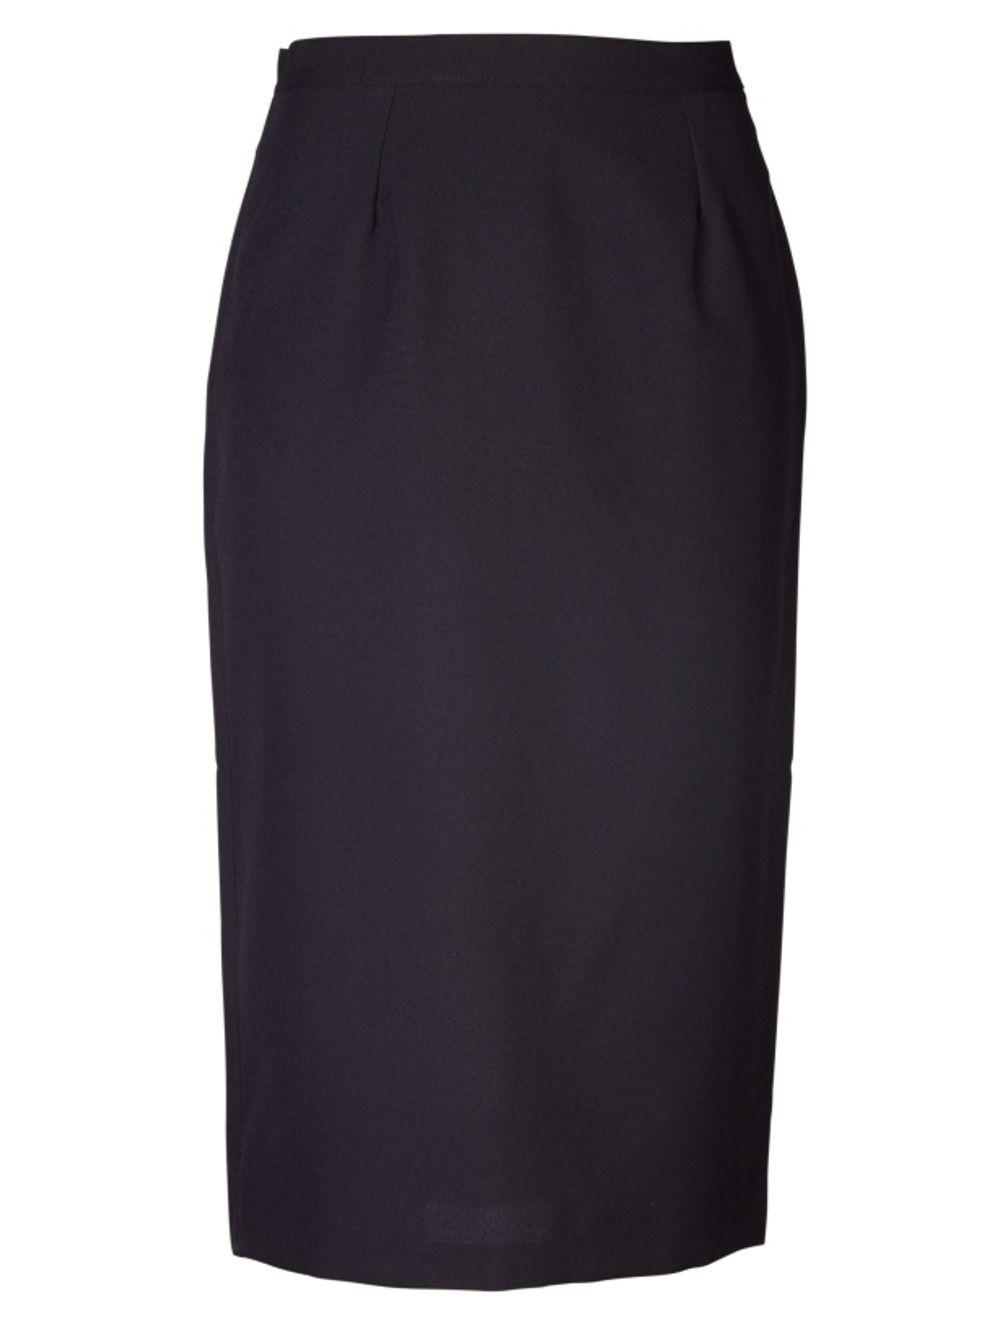 Long Skirt Formal Wear